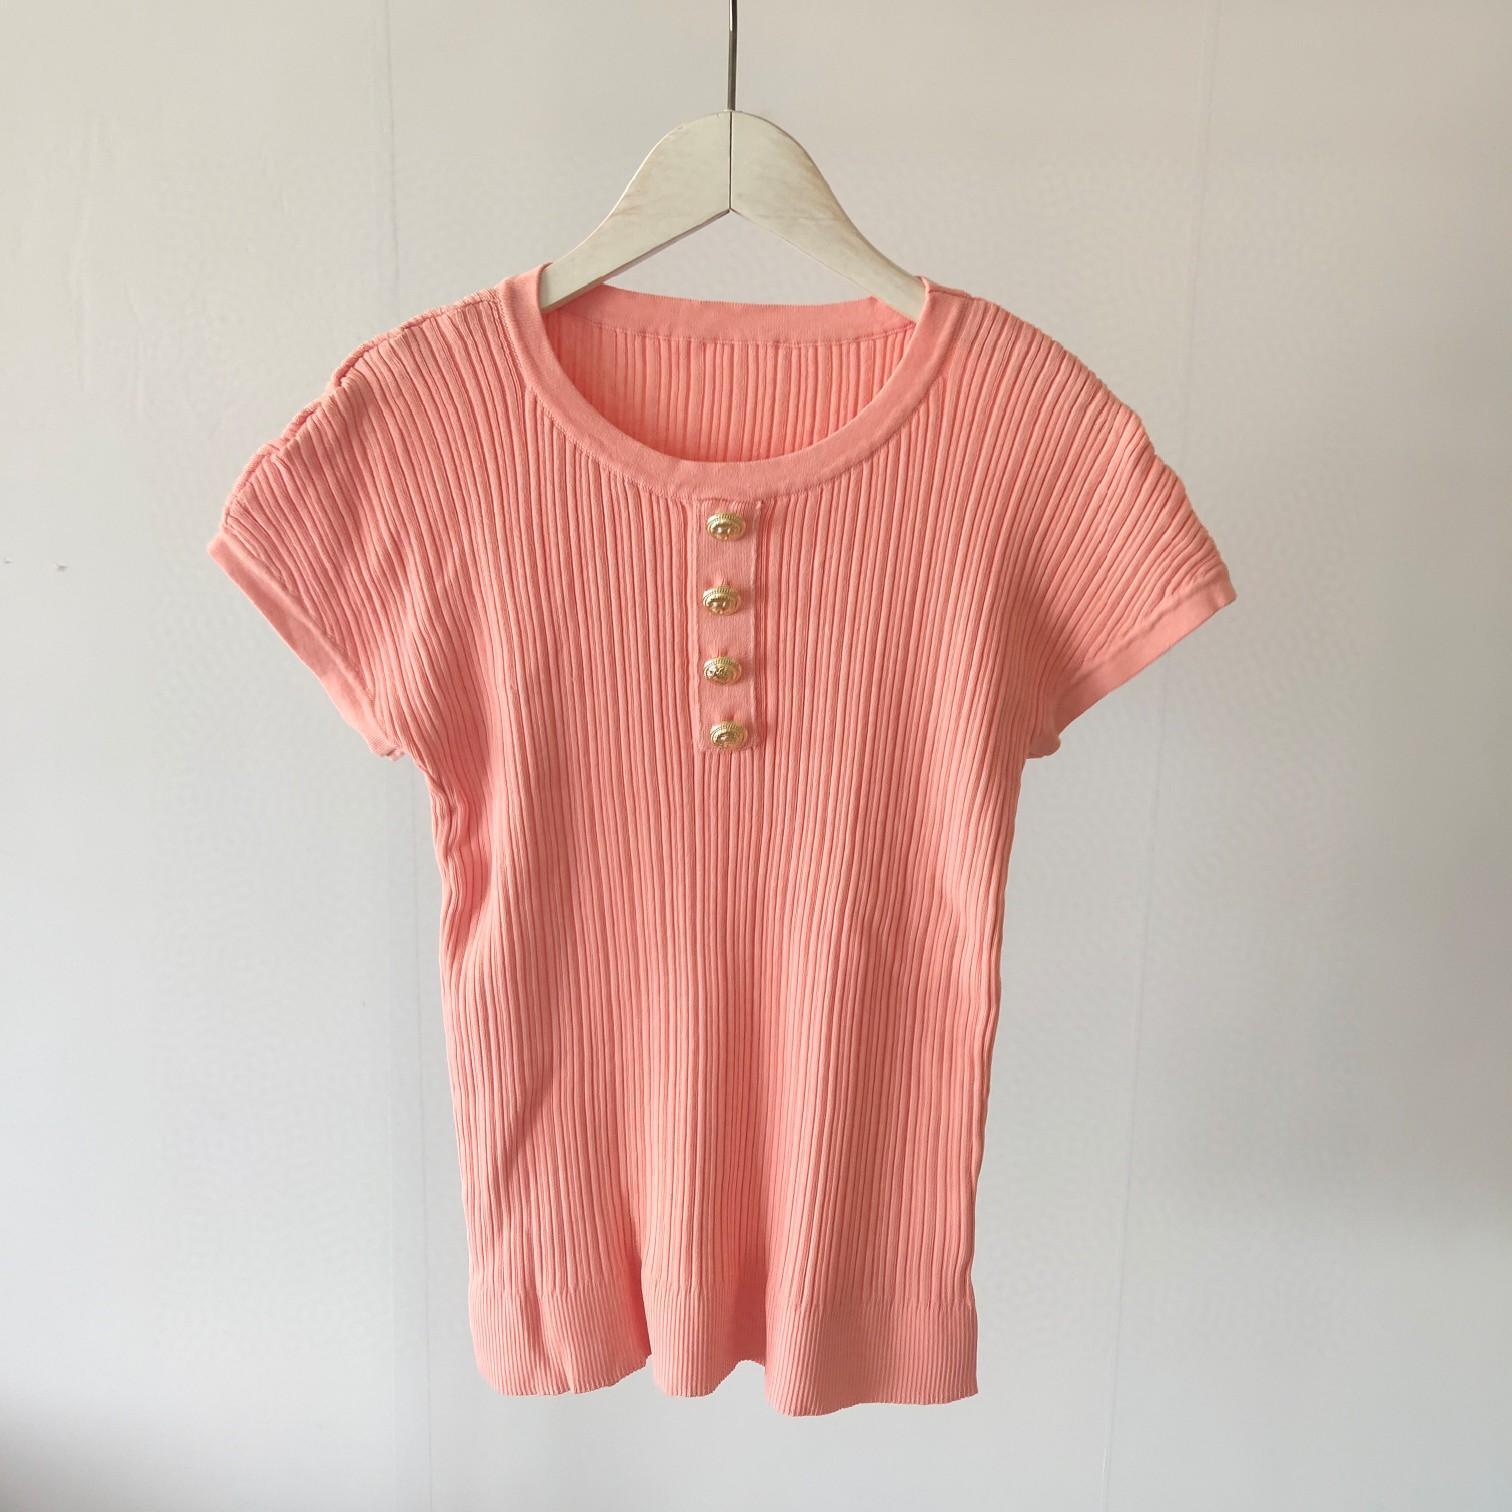 Le donne del progettista della camicia di estate delle signore di modo di lusso Knit T-shirt casual camicia di marca T superiori FF Lettera ragazze manica corta DA 20032603D